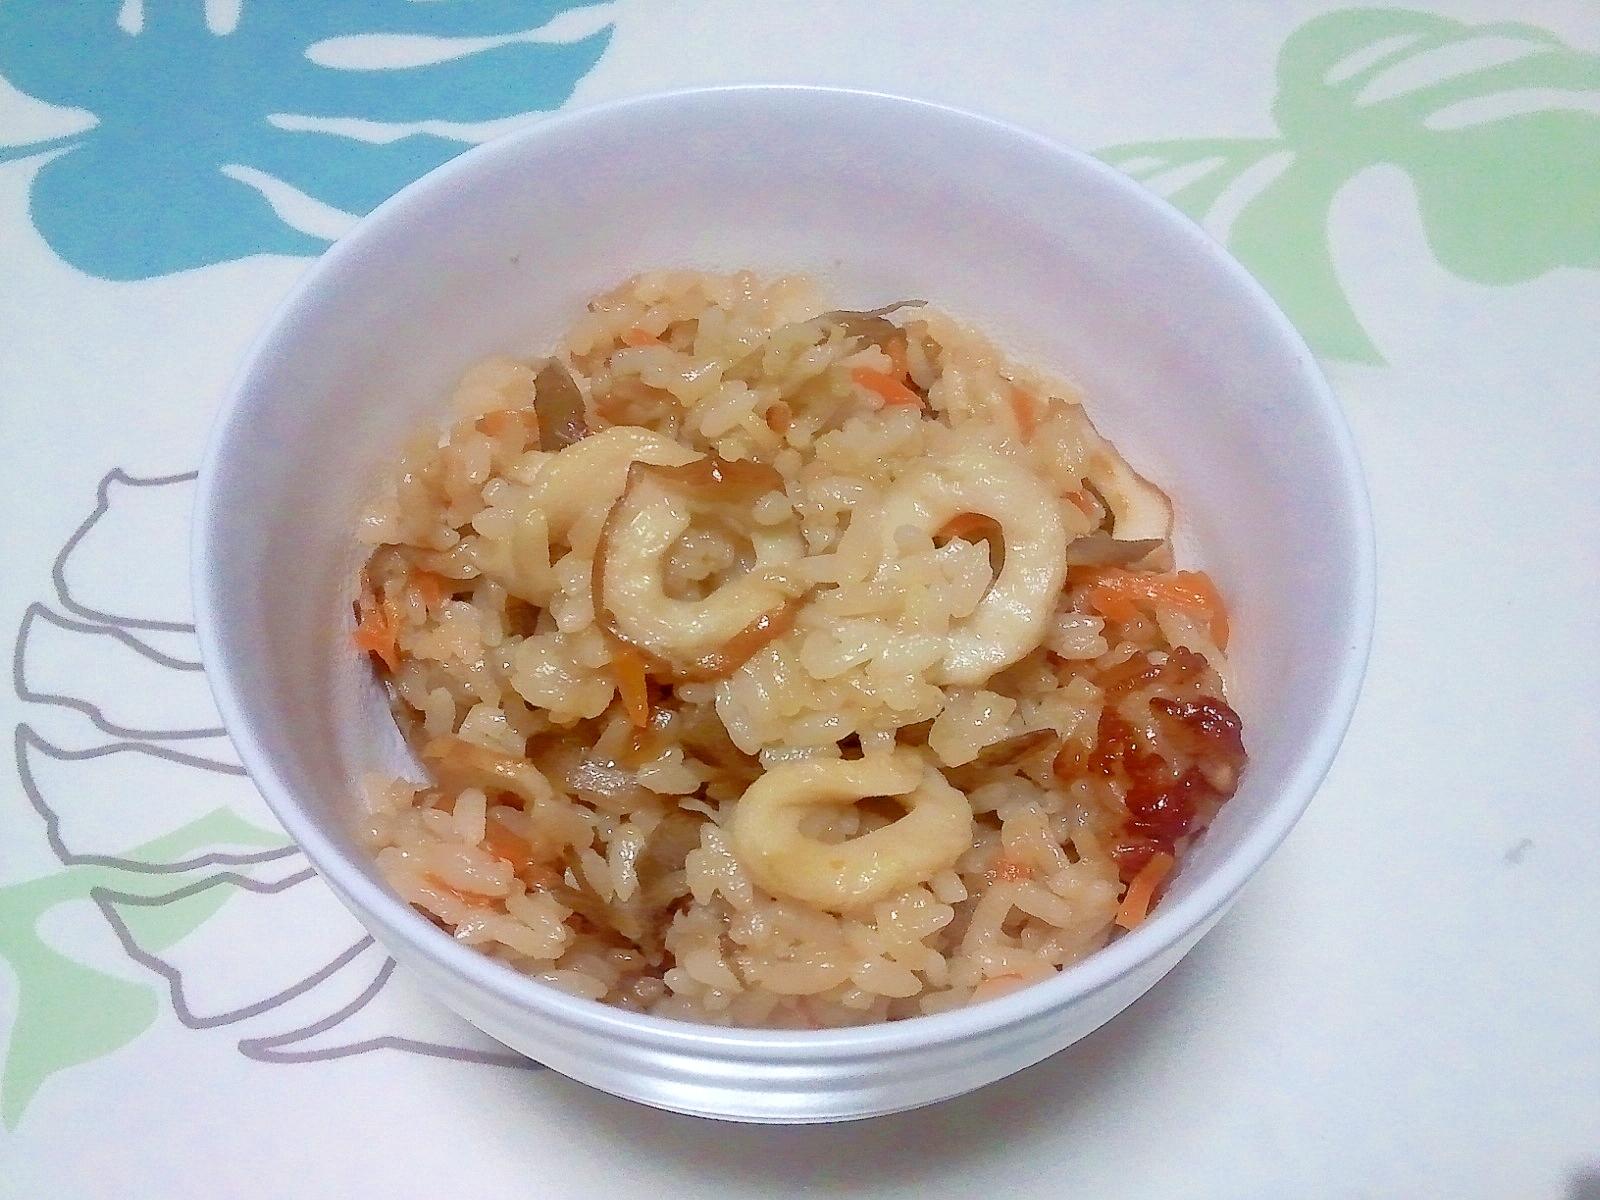 竹輪の炊き込みご飯++